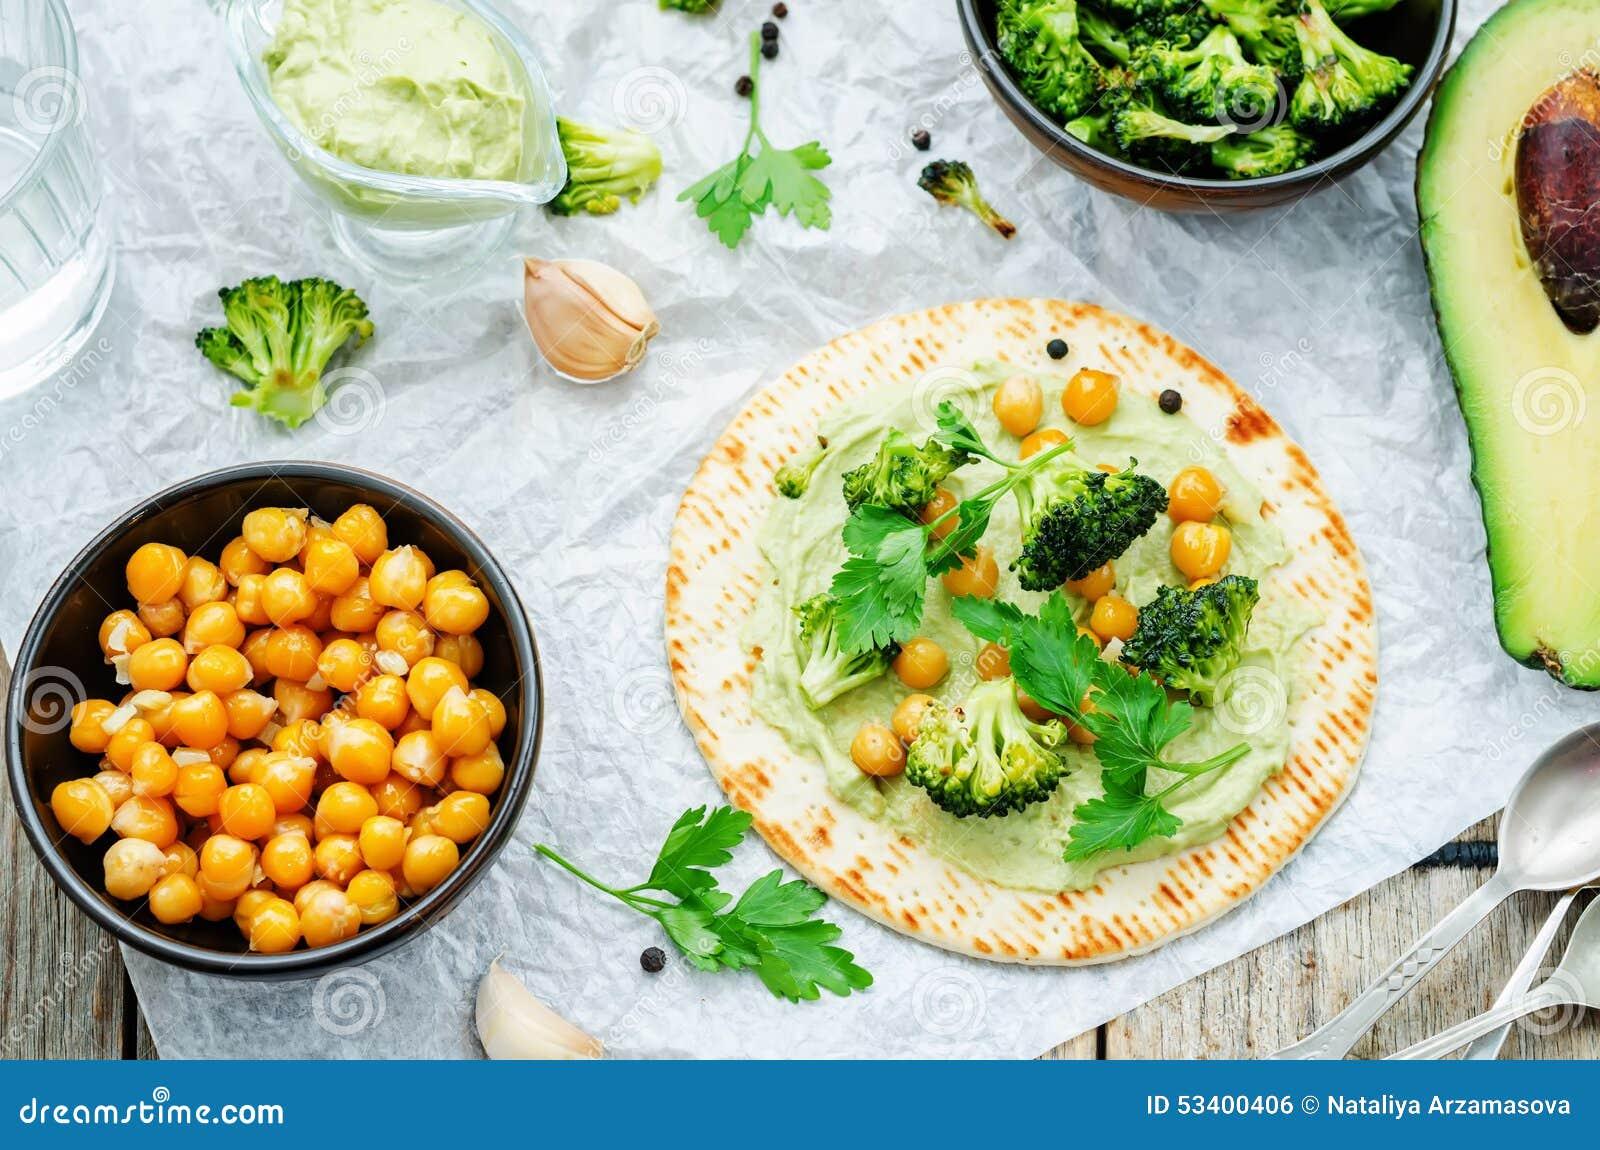 Strikt vegetariantortilla med grillad broccoli och kikärtar och avokado s